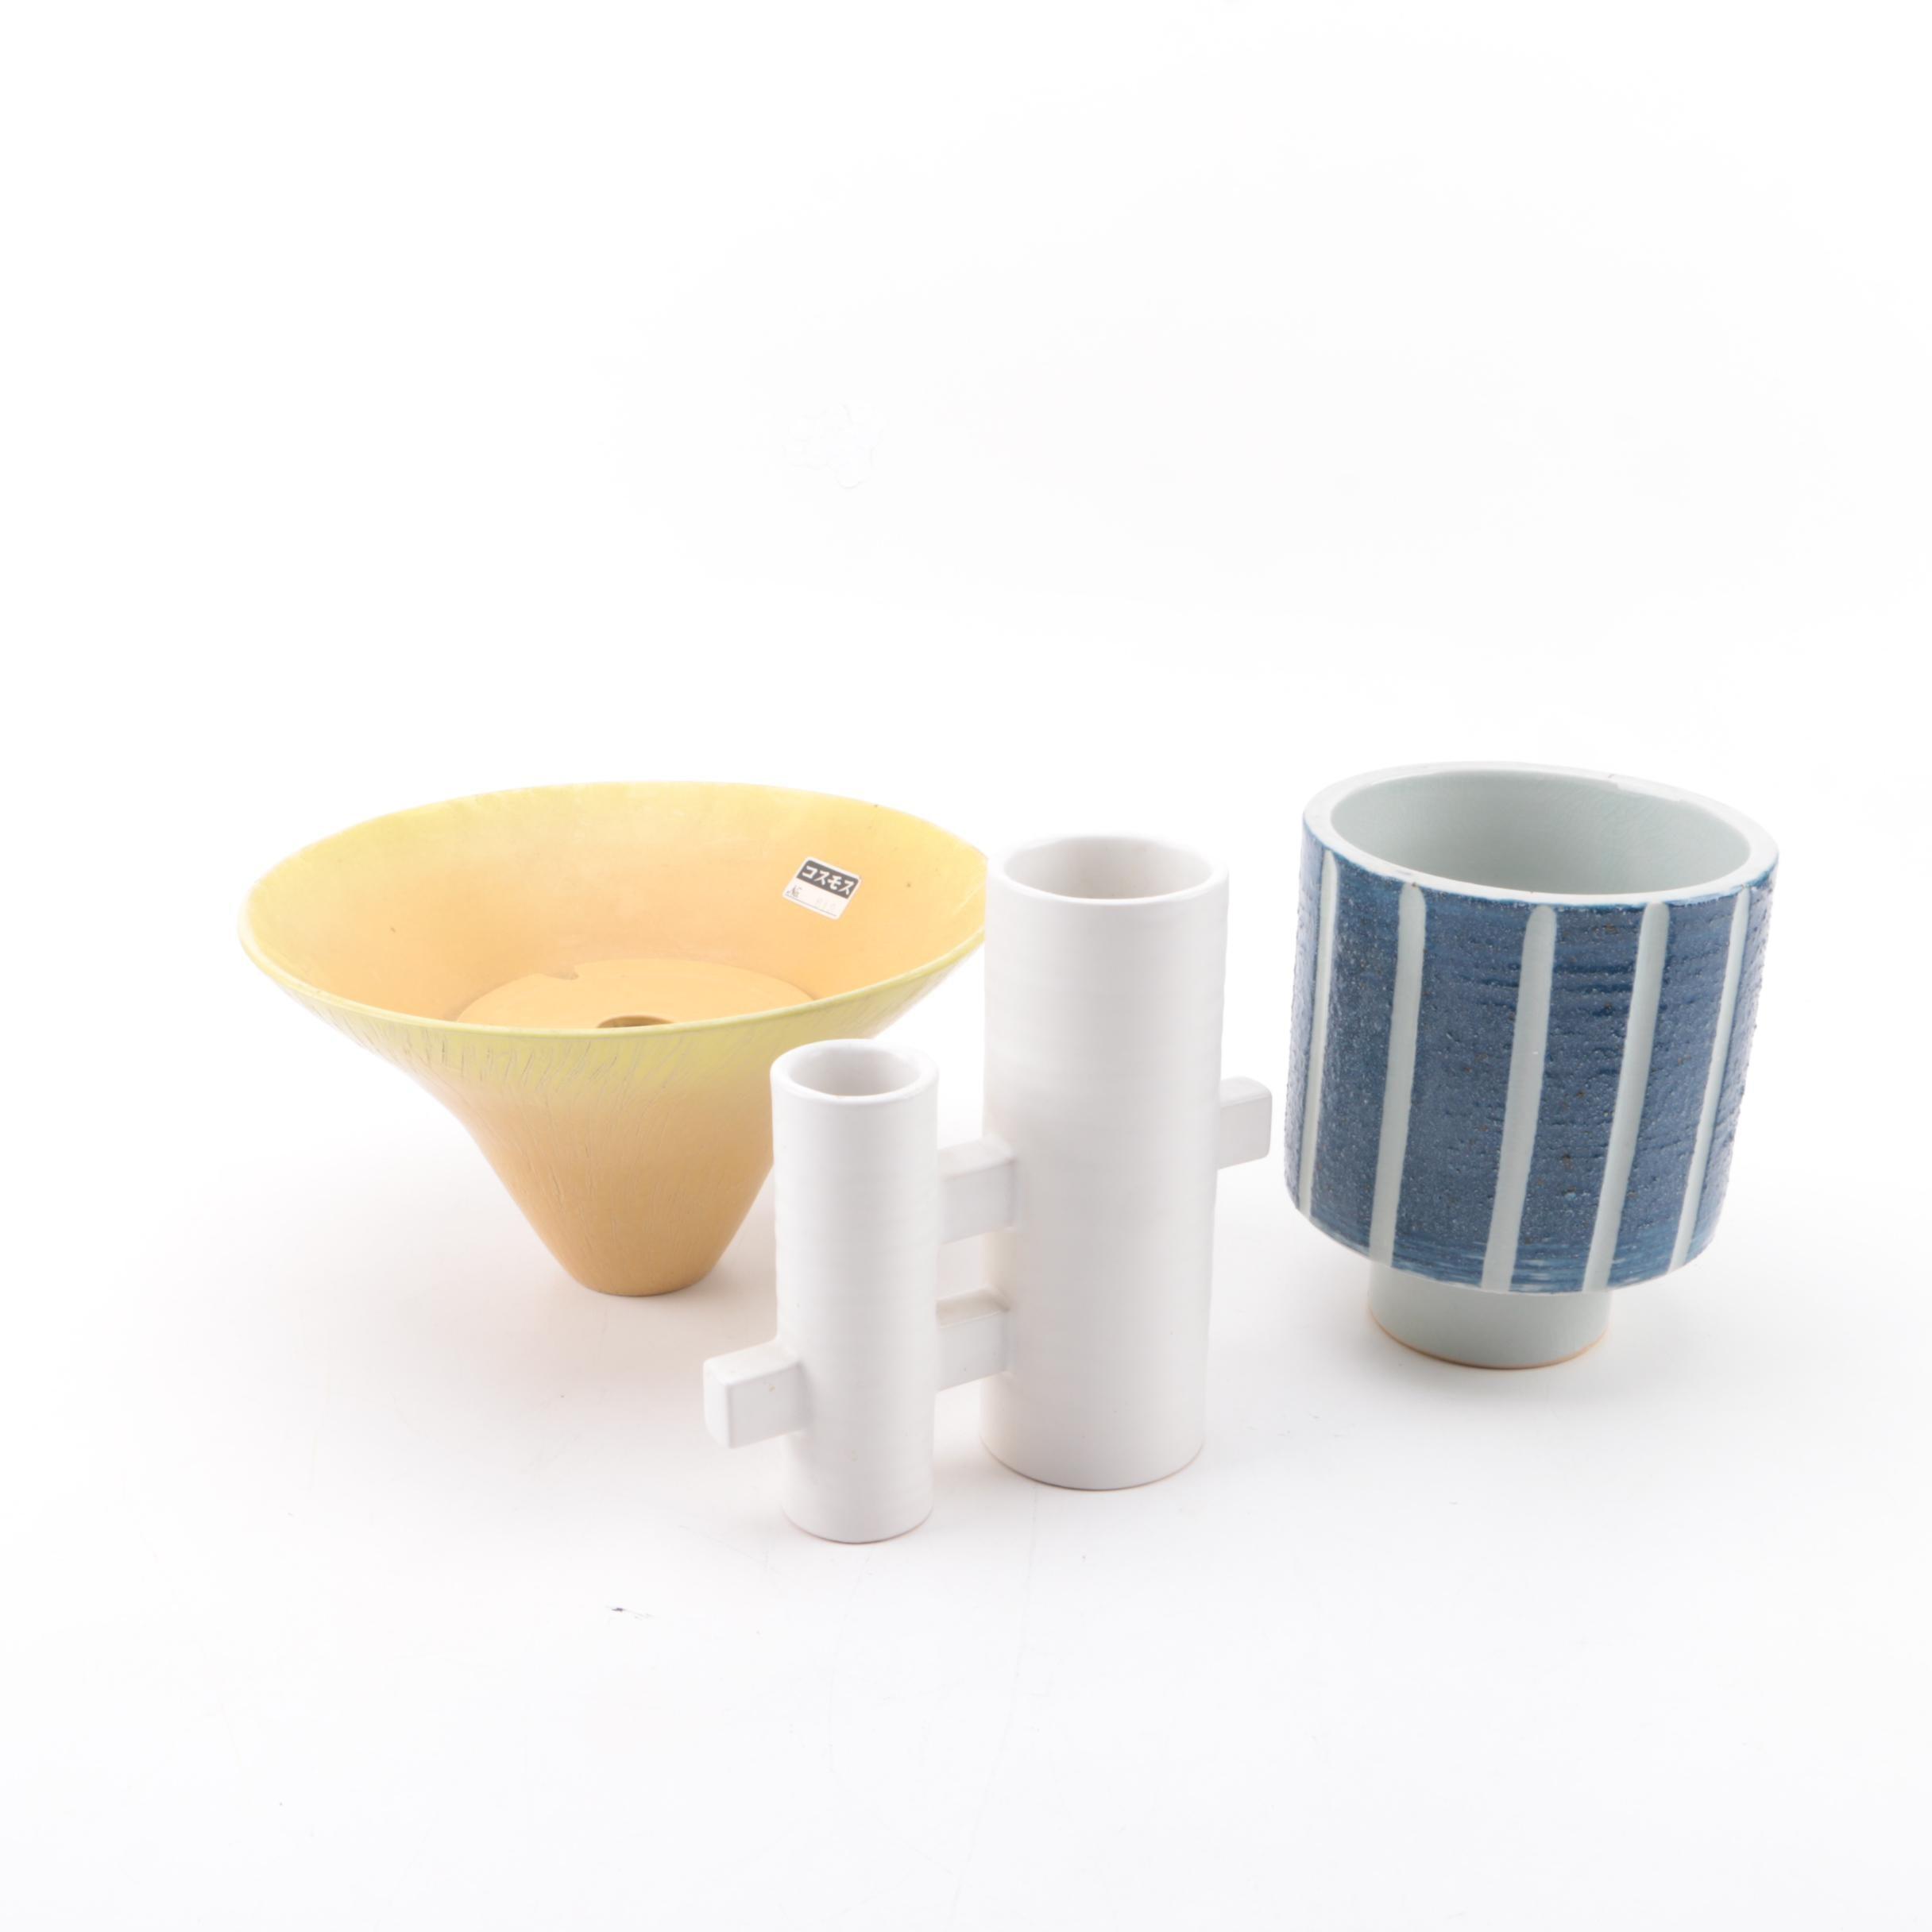 Asian Mid-Century Modern Style Porcelain Vases